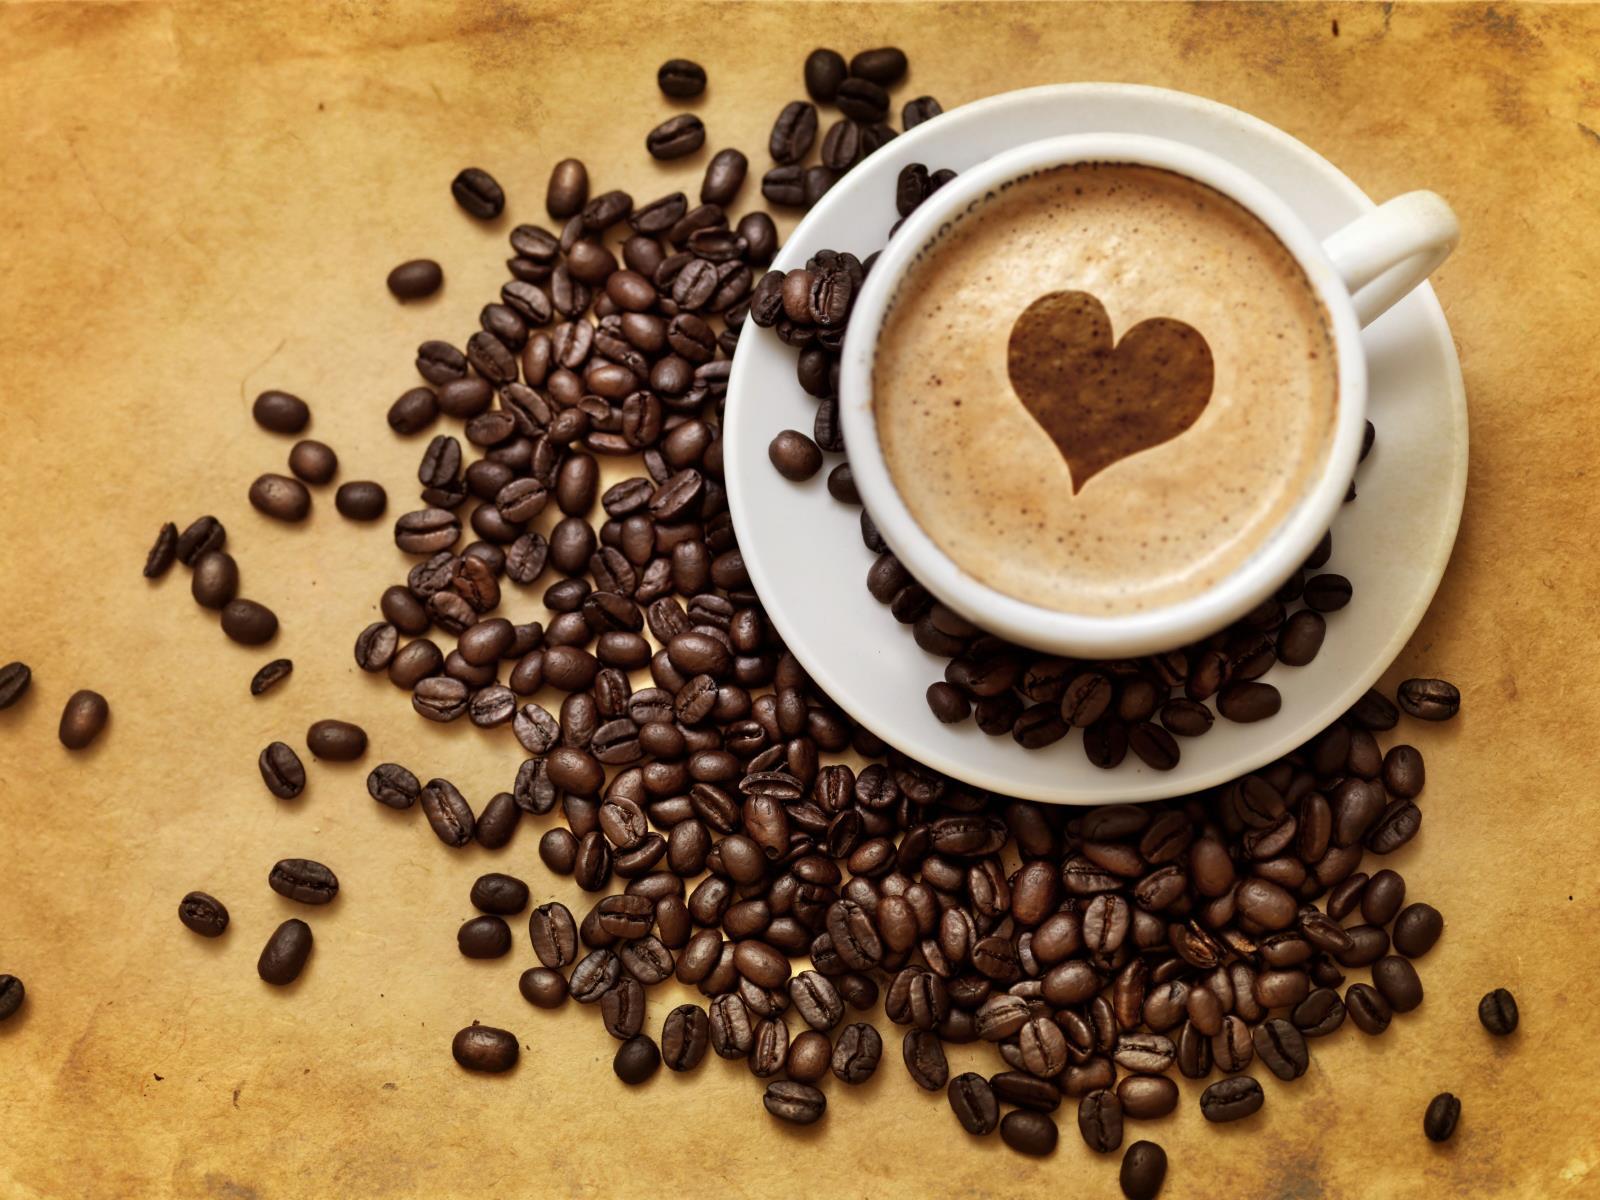 Saiba 15 fatos curiosos sobre o café